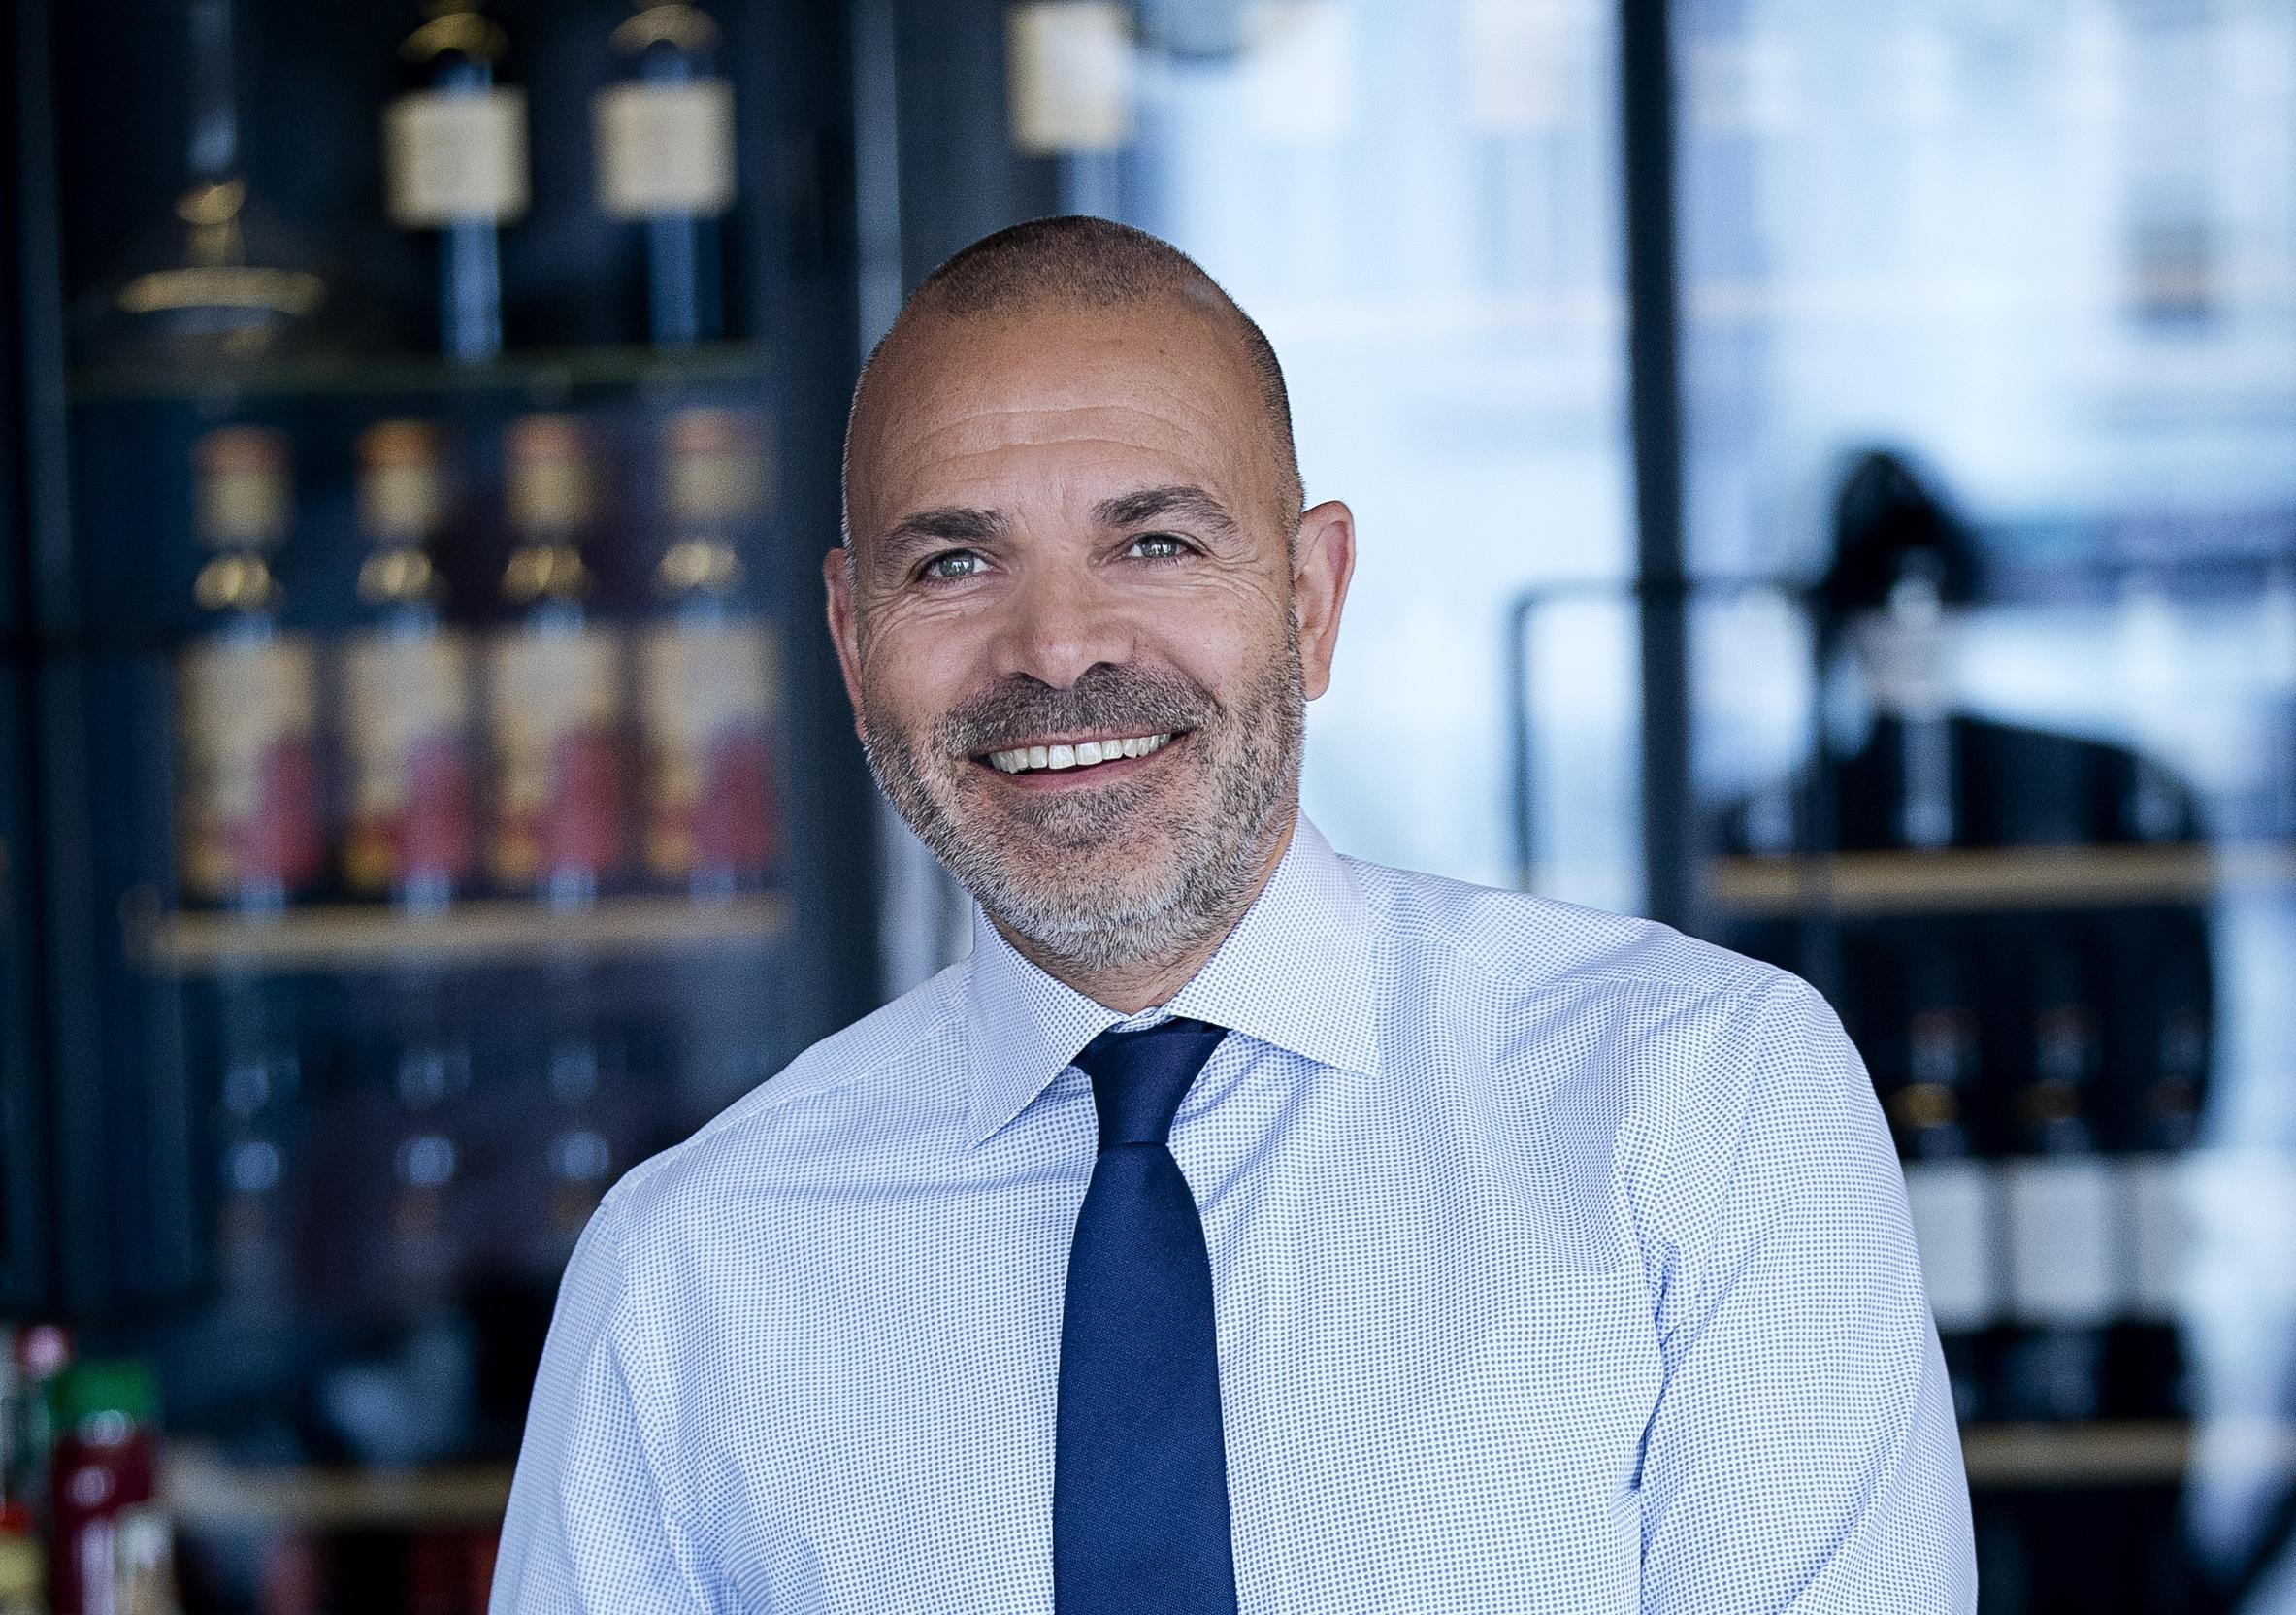 Karim Nielsen, den administrerende direktør for de seks københavnske Brøchner Hotels, stopper med udgangen af denne måned. Foto: Brøchner Hotels.